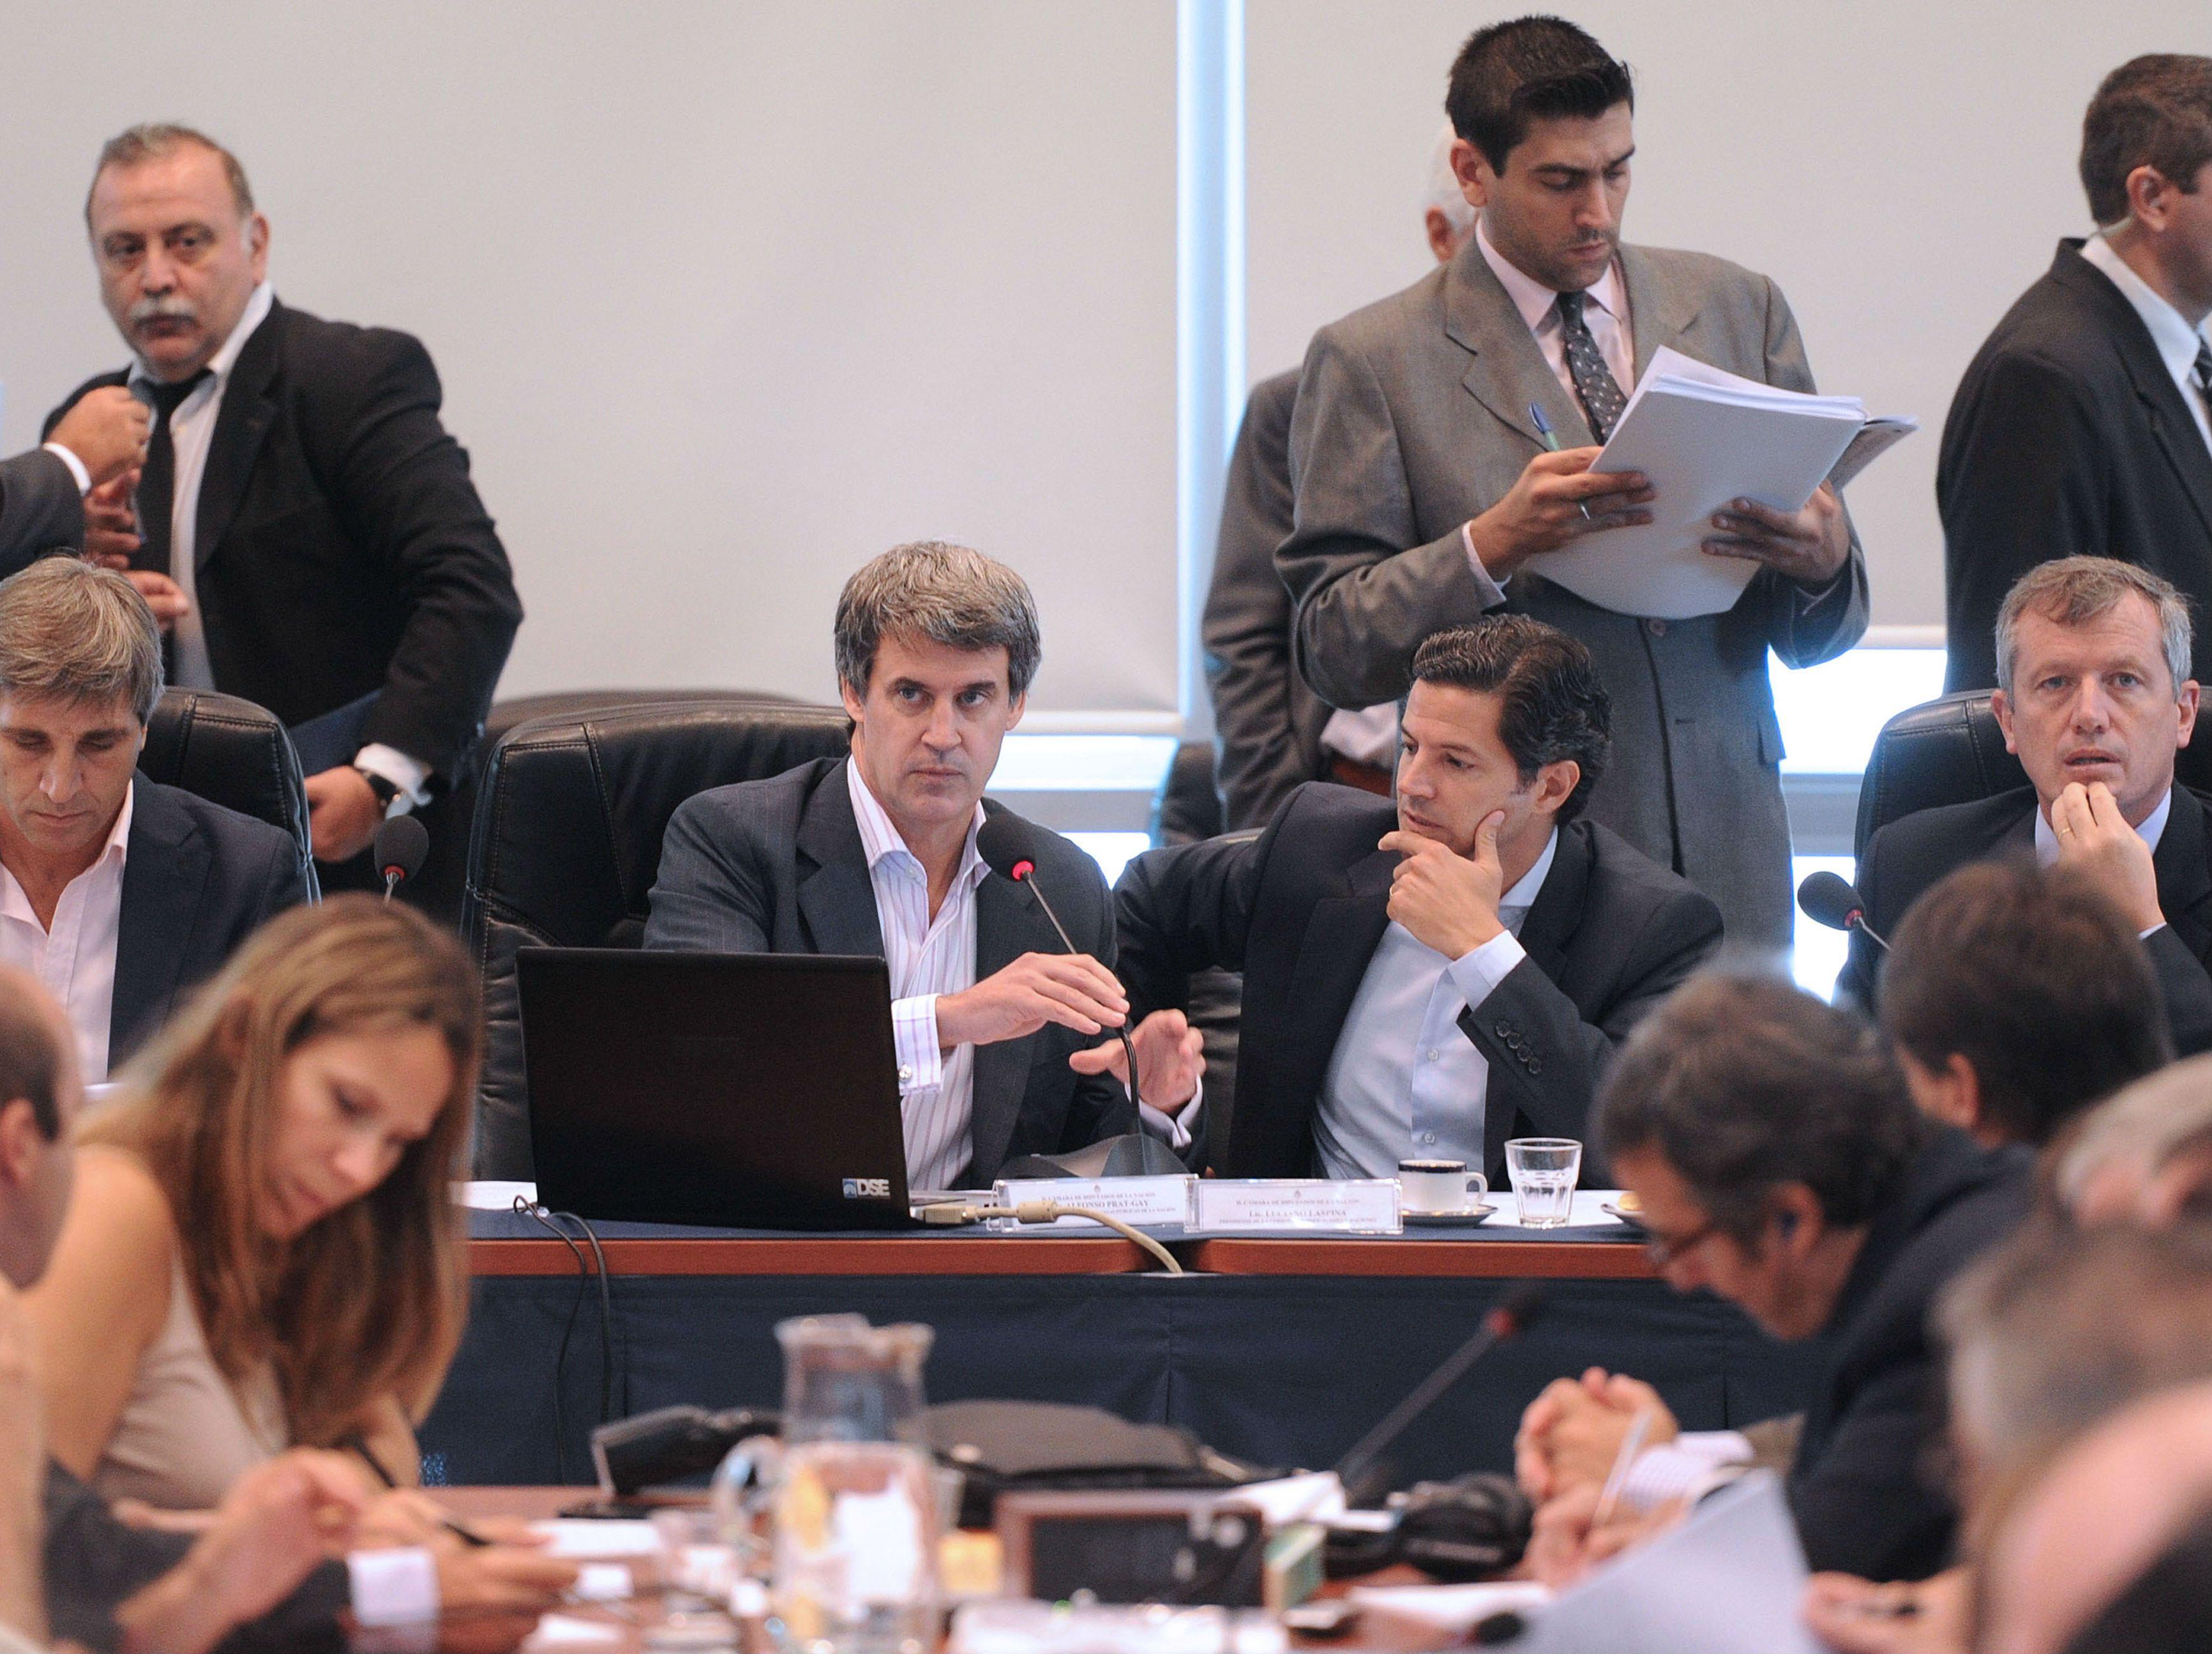 El ministro Prat Gay expuso en la comisión de la Cámara de Diputados y se cruzó con kicillof.